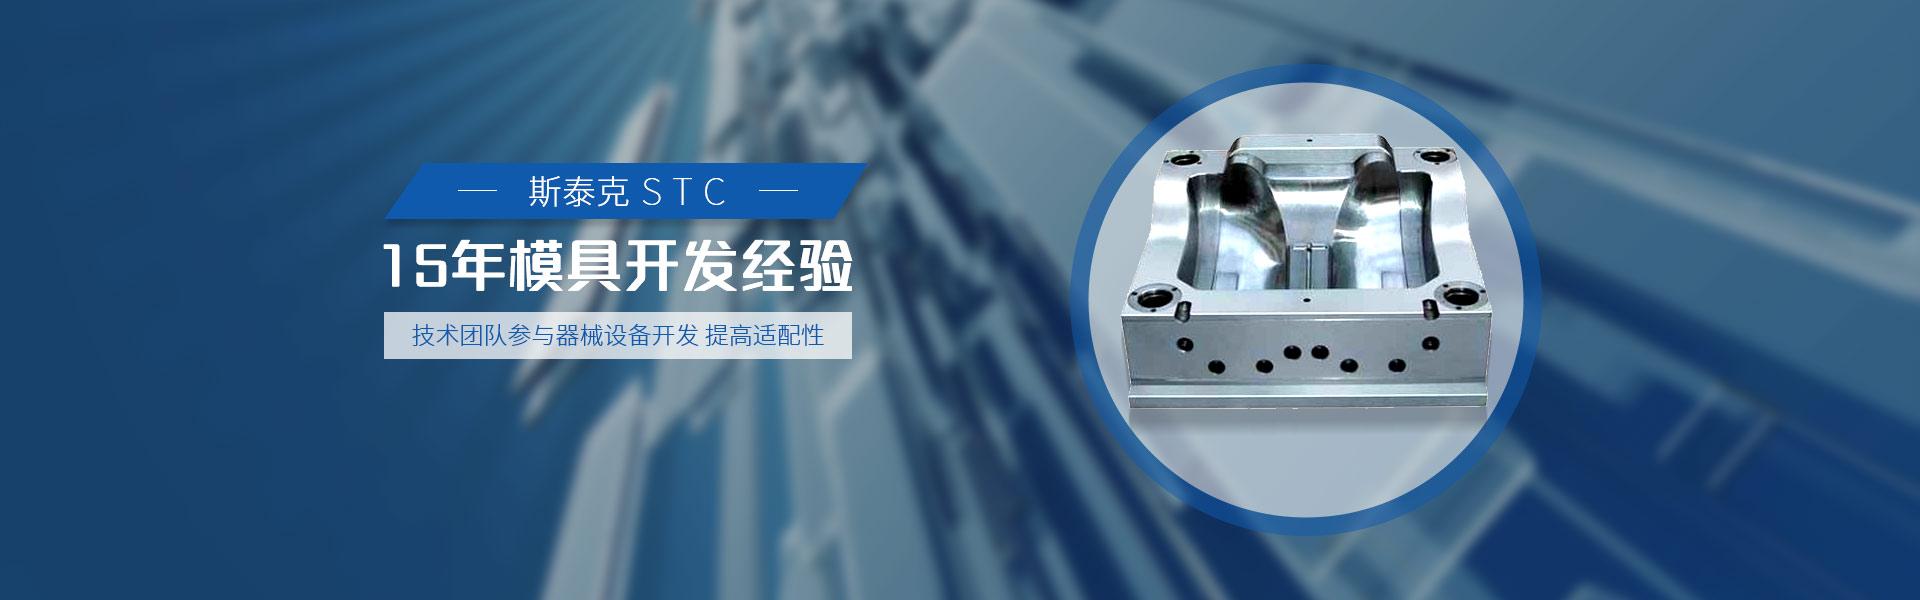 斯泰克 洁净零件及容器定制  创品质高度  安全美观  高精度 高配置